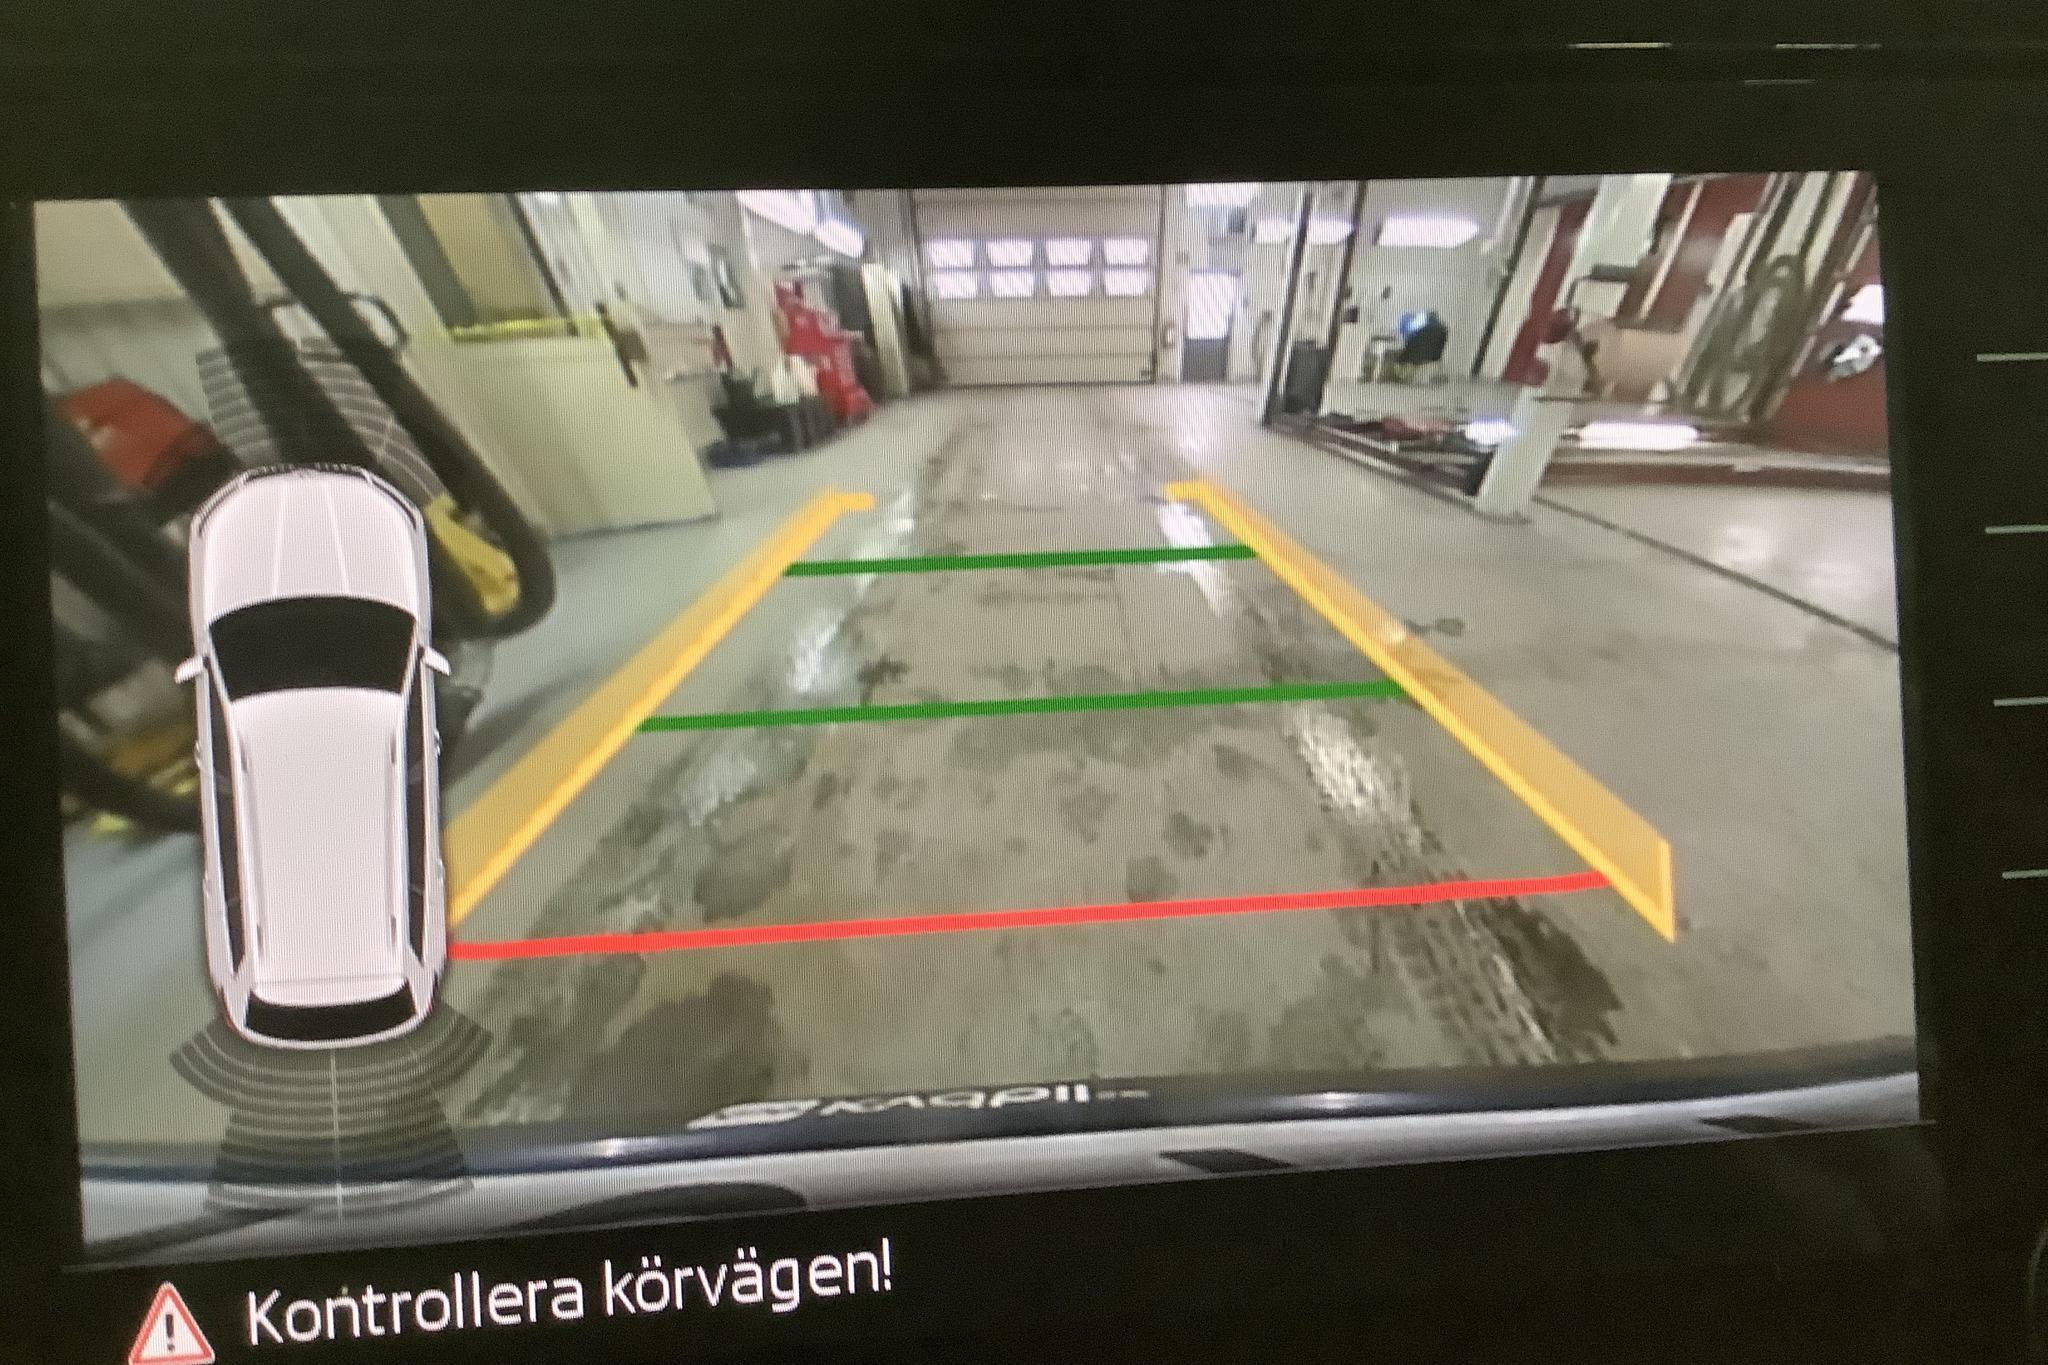 Skoda Kodiaq 2.0 TDI 4X4 (190hk) - 32 240 km - Automatic - black - 2018